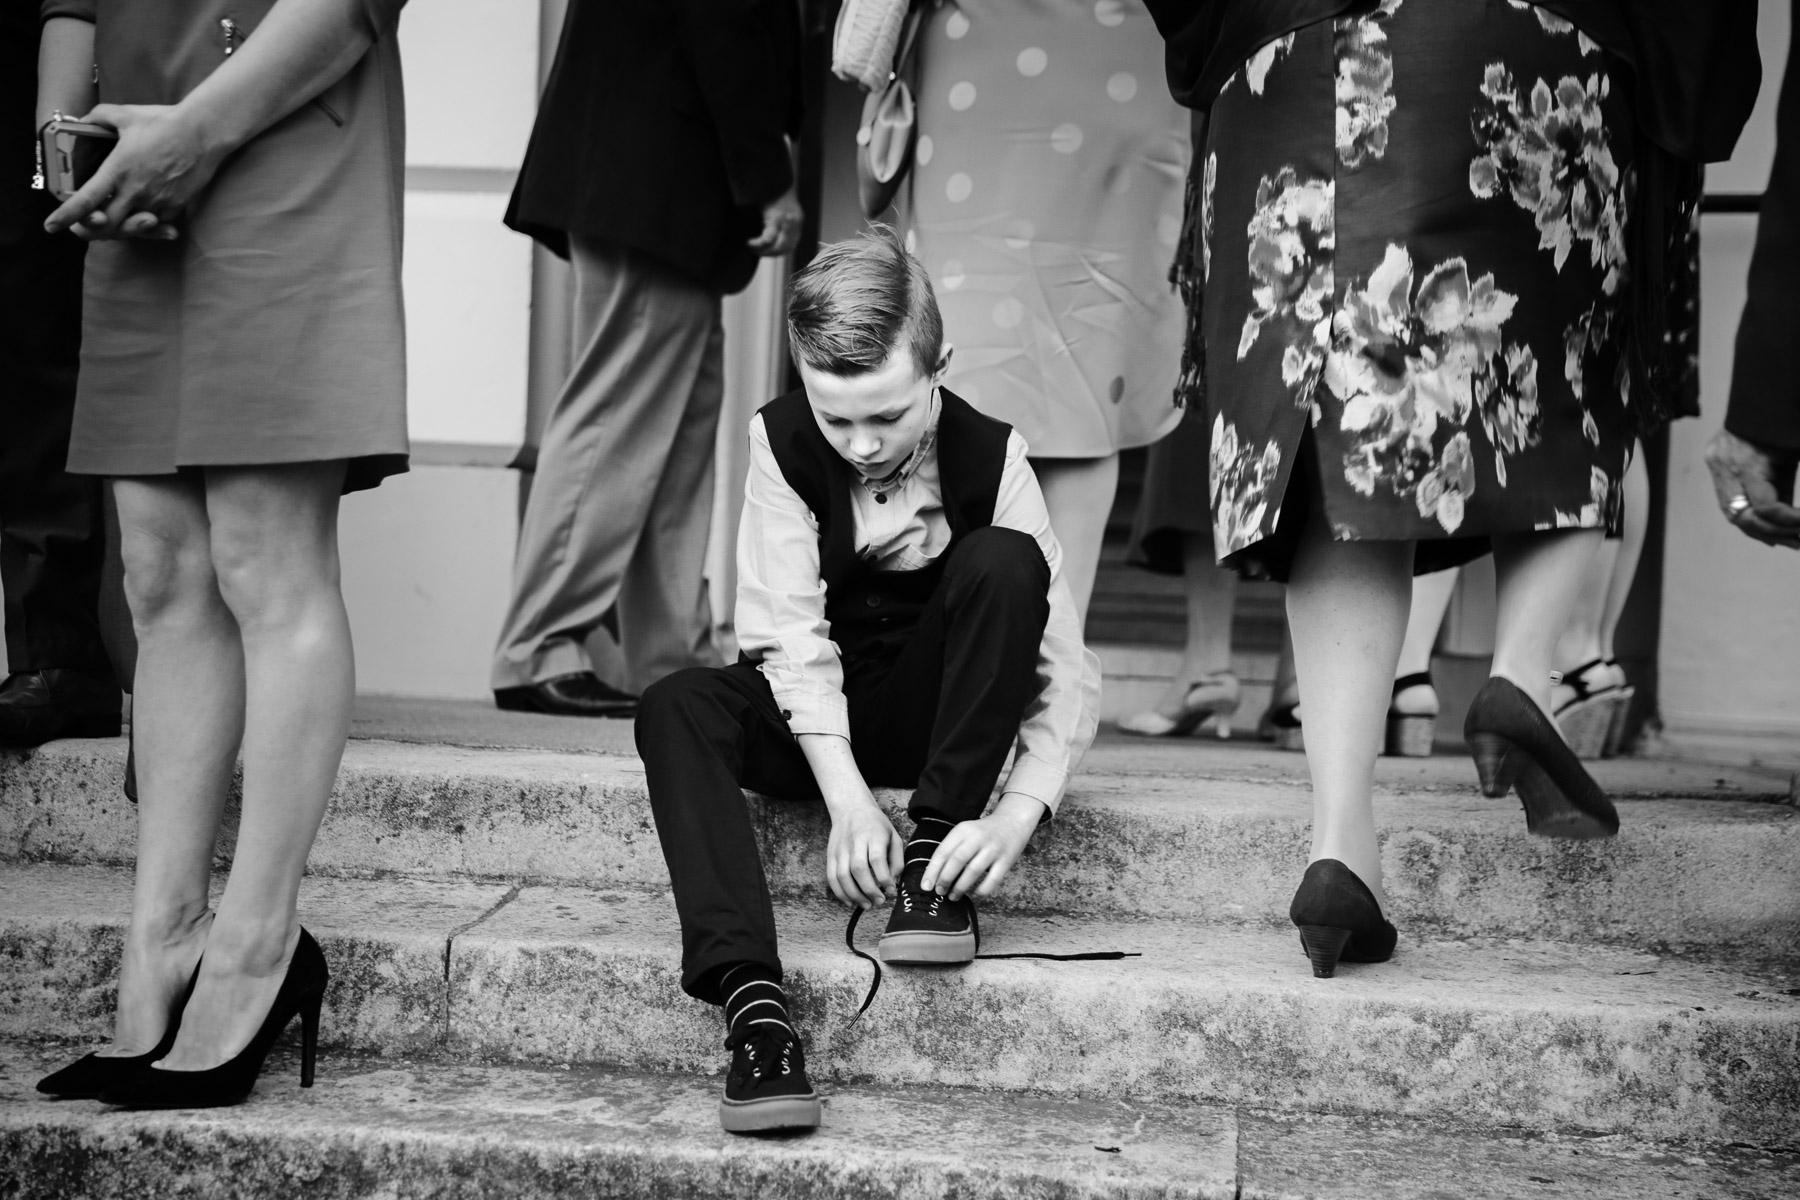 wedding portfolio 25-09-17  184.jpg